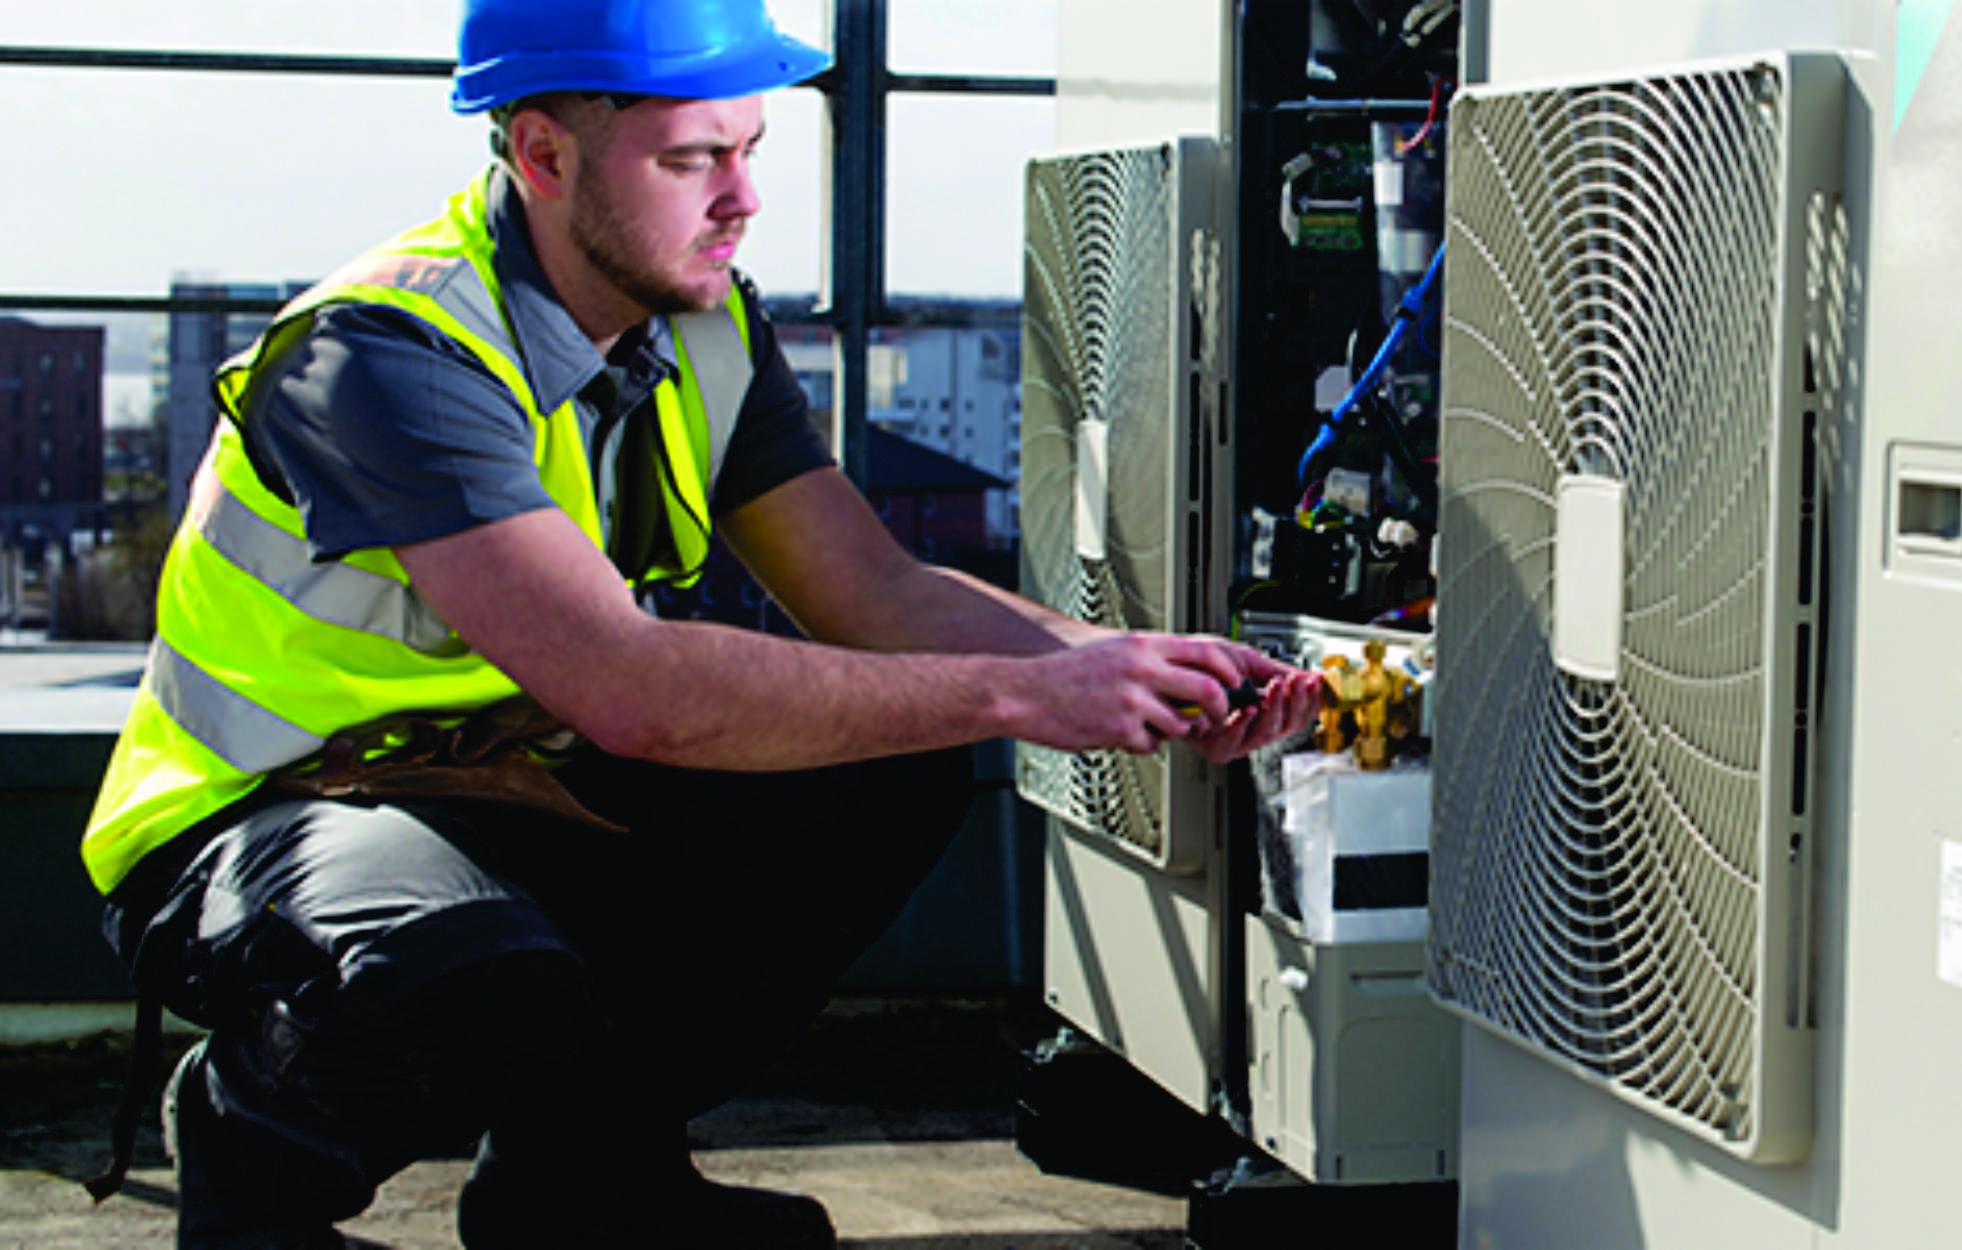 Tuyển dụng kỹ sư Điều hòa không khí